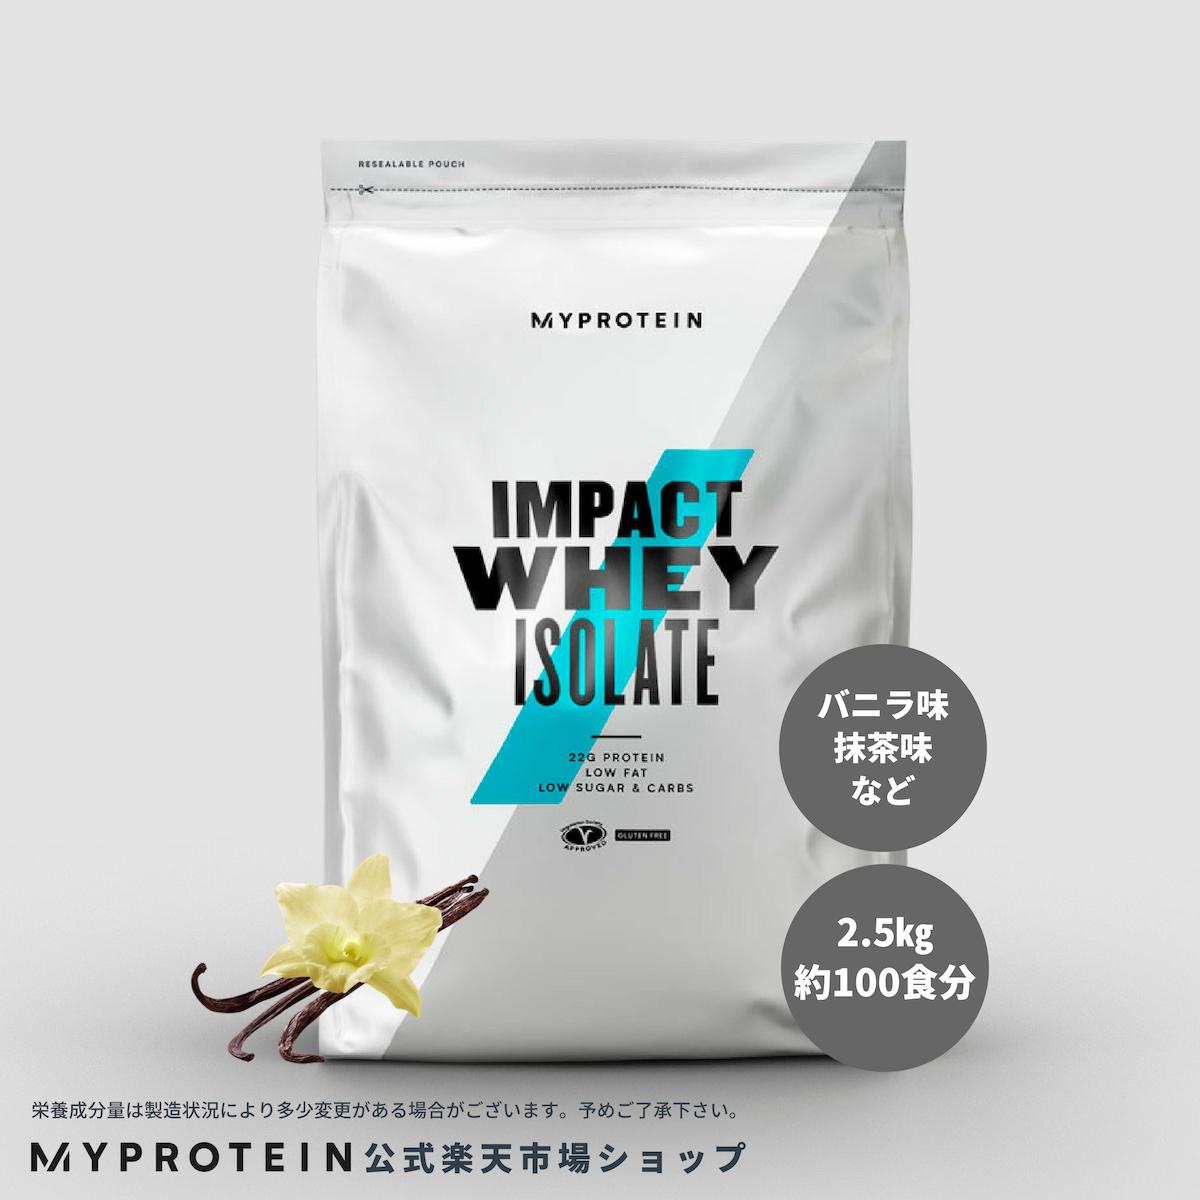 マイプロテイン 公式 【MyProtein】 Impact ホエイ アイソレート(WPI)(その他の味) 2.5kg 約100食分| プロテイン ホエイ ホエイプロテイン ダイエット ボディーメイク 低脂肪 グルタミン BCAA【楽天海外直送】